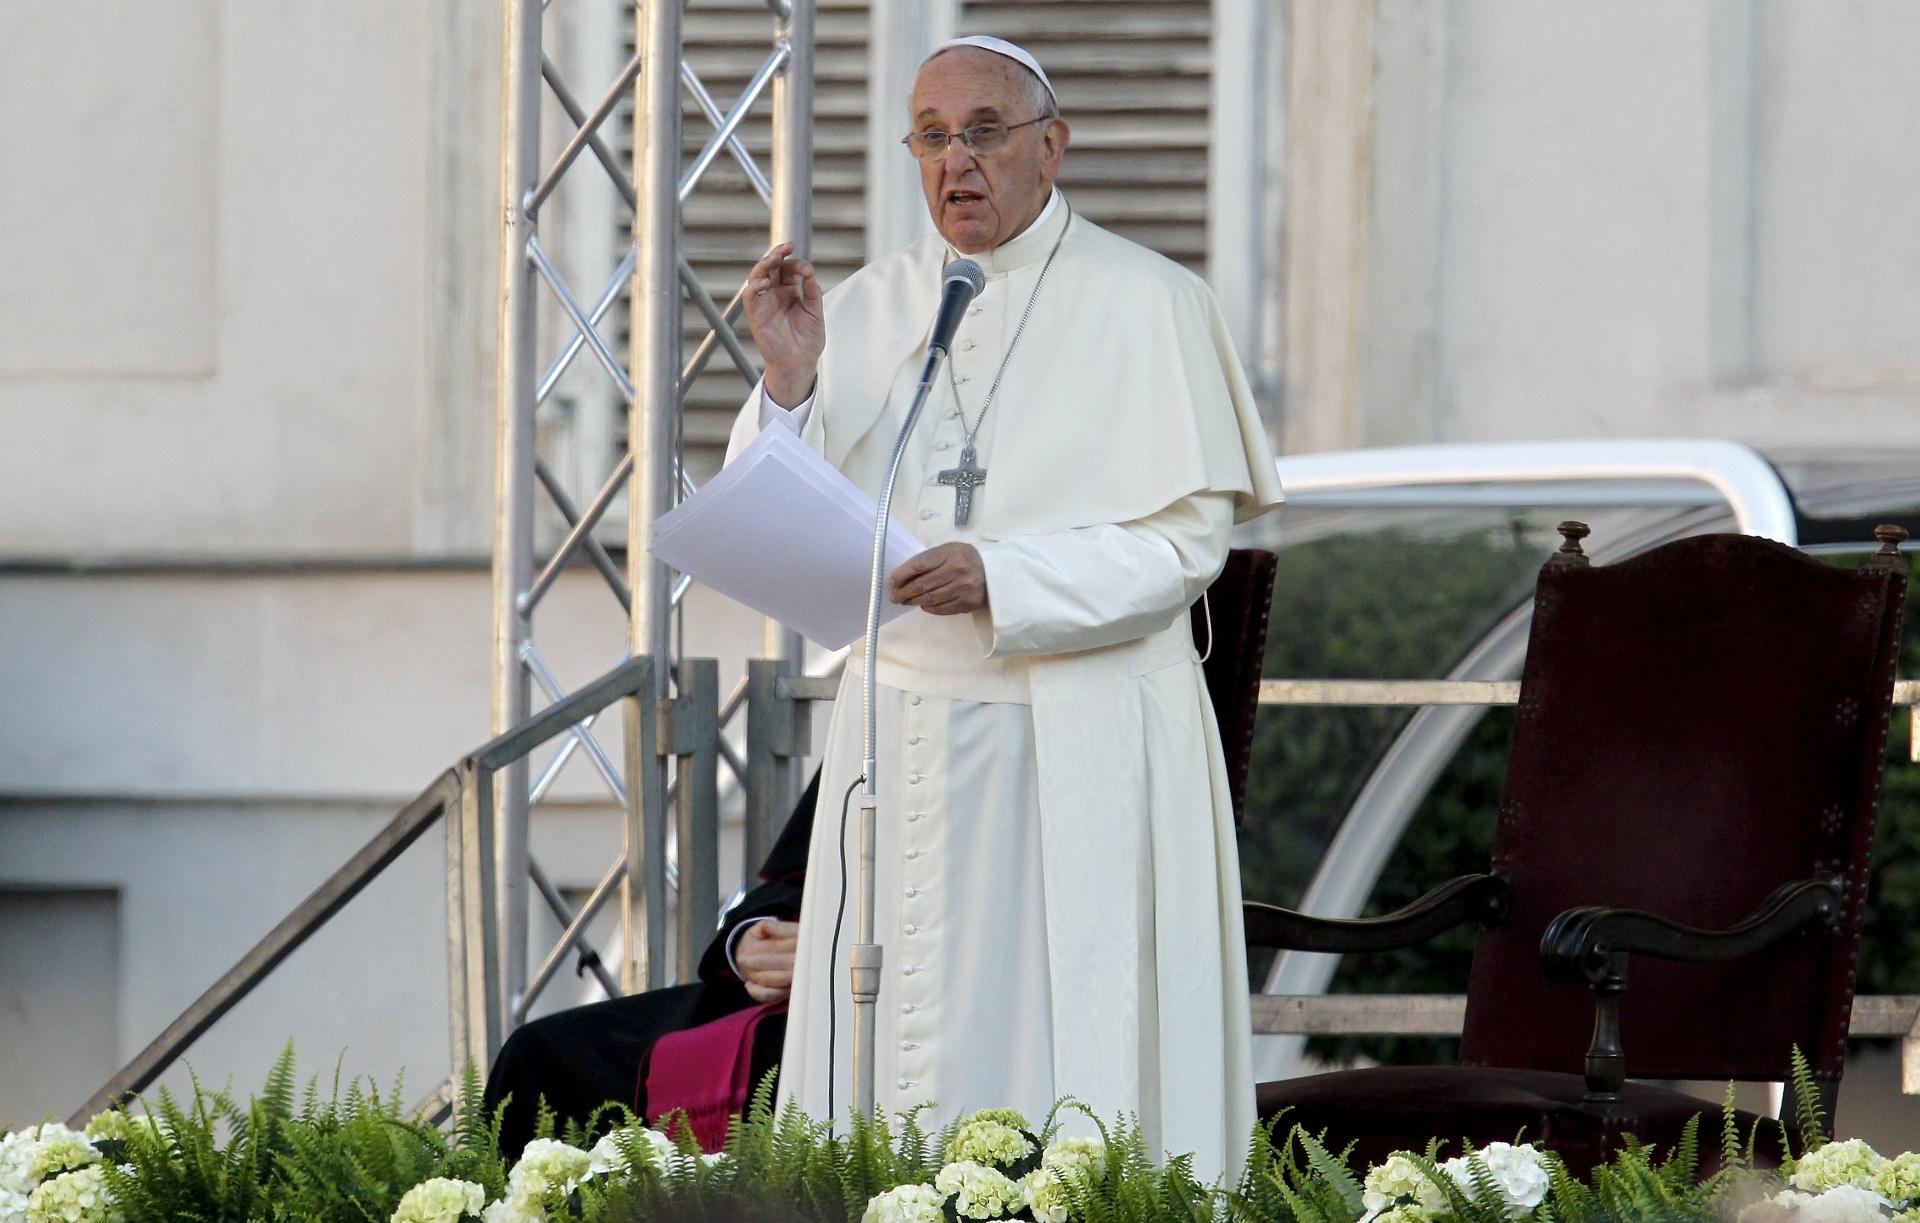 21.jun.2015 - Em visita a Turim, no norte da Itália, o papa Francisco declarou neste domingo (21) que o Santo Sudário é um